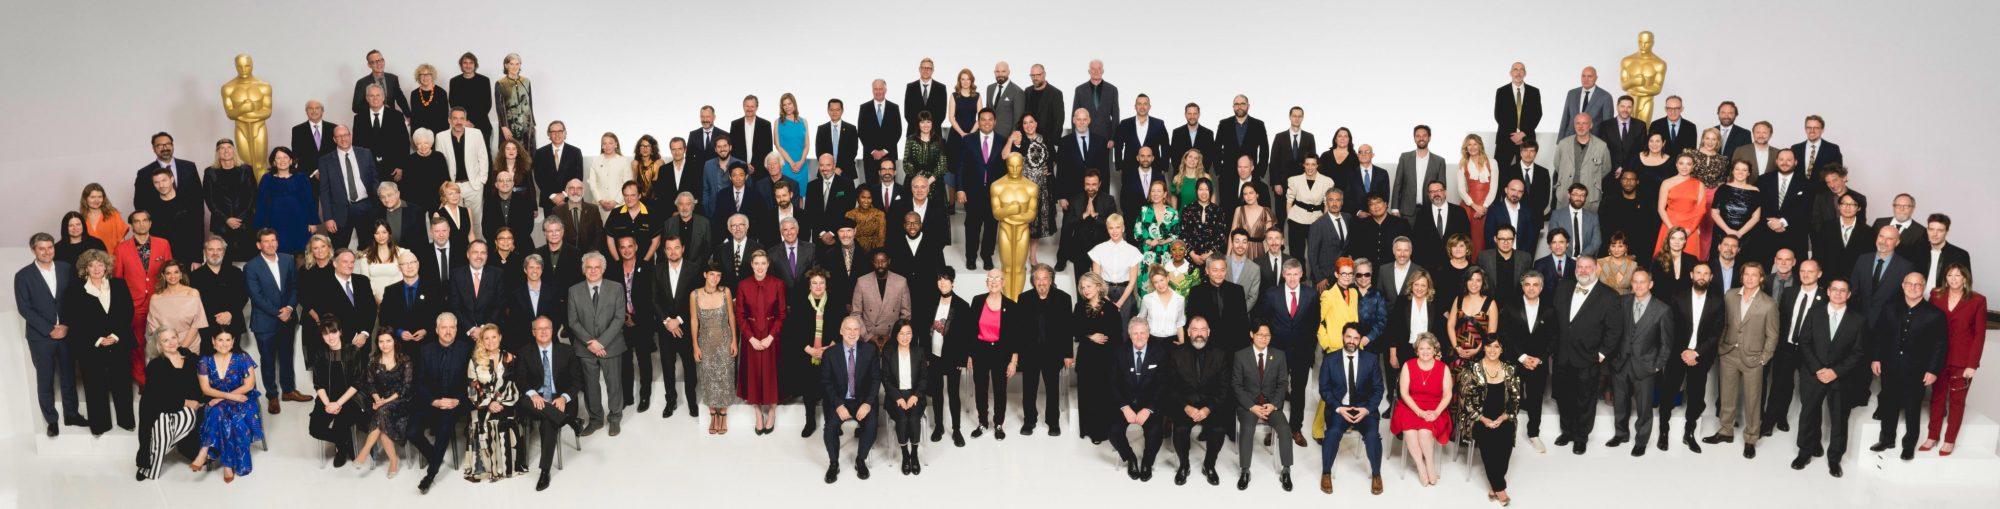 2020 Oscar Class Photo